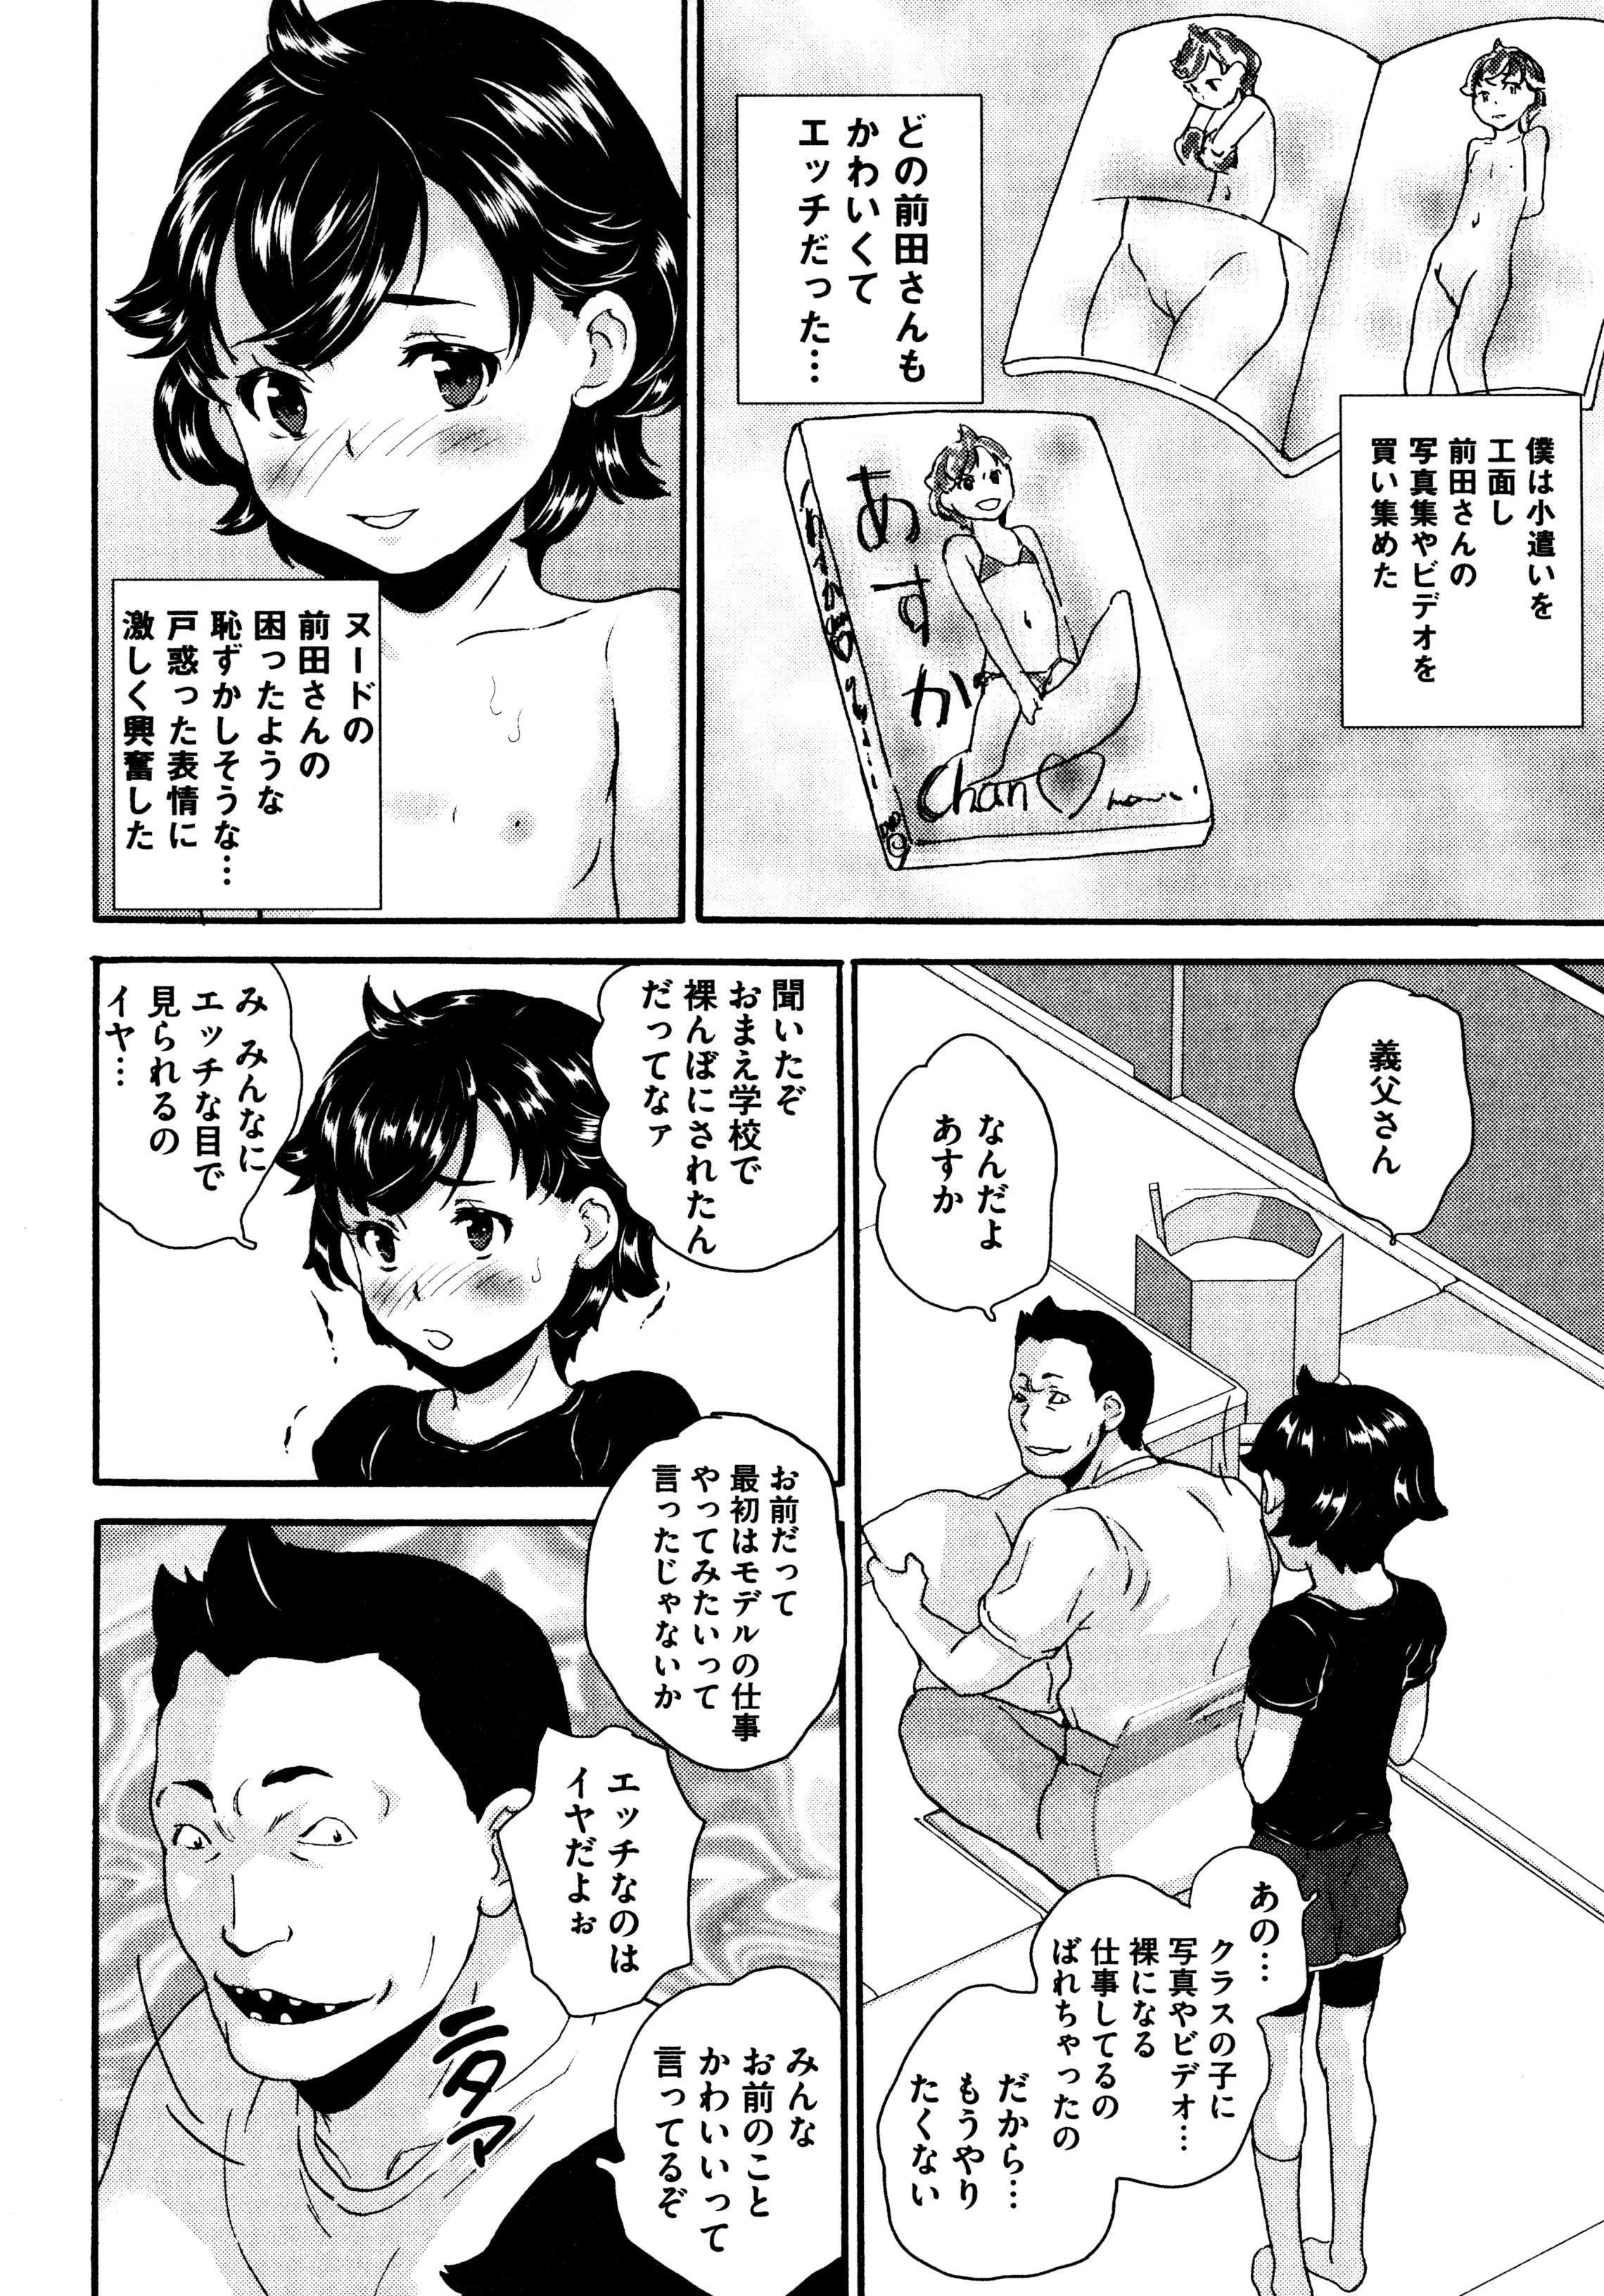 Bishoujo Ijime School 182